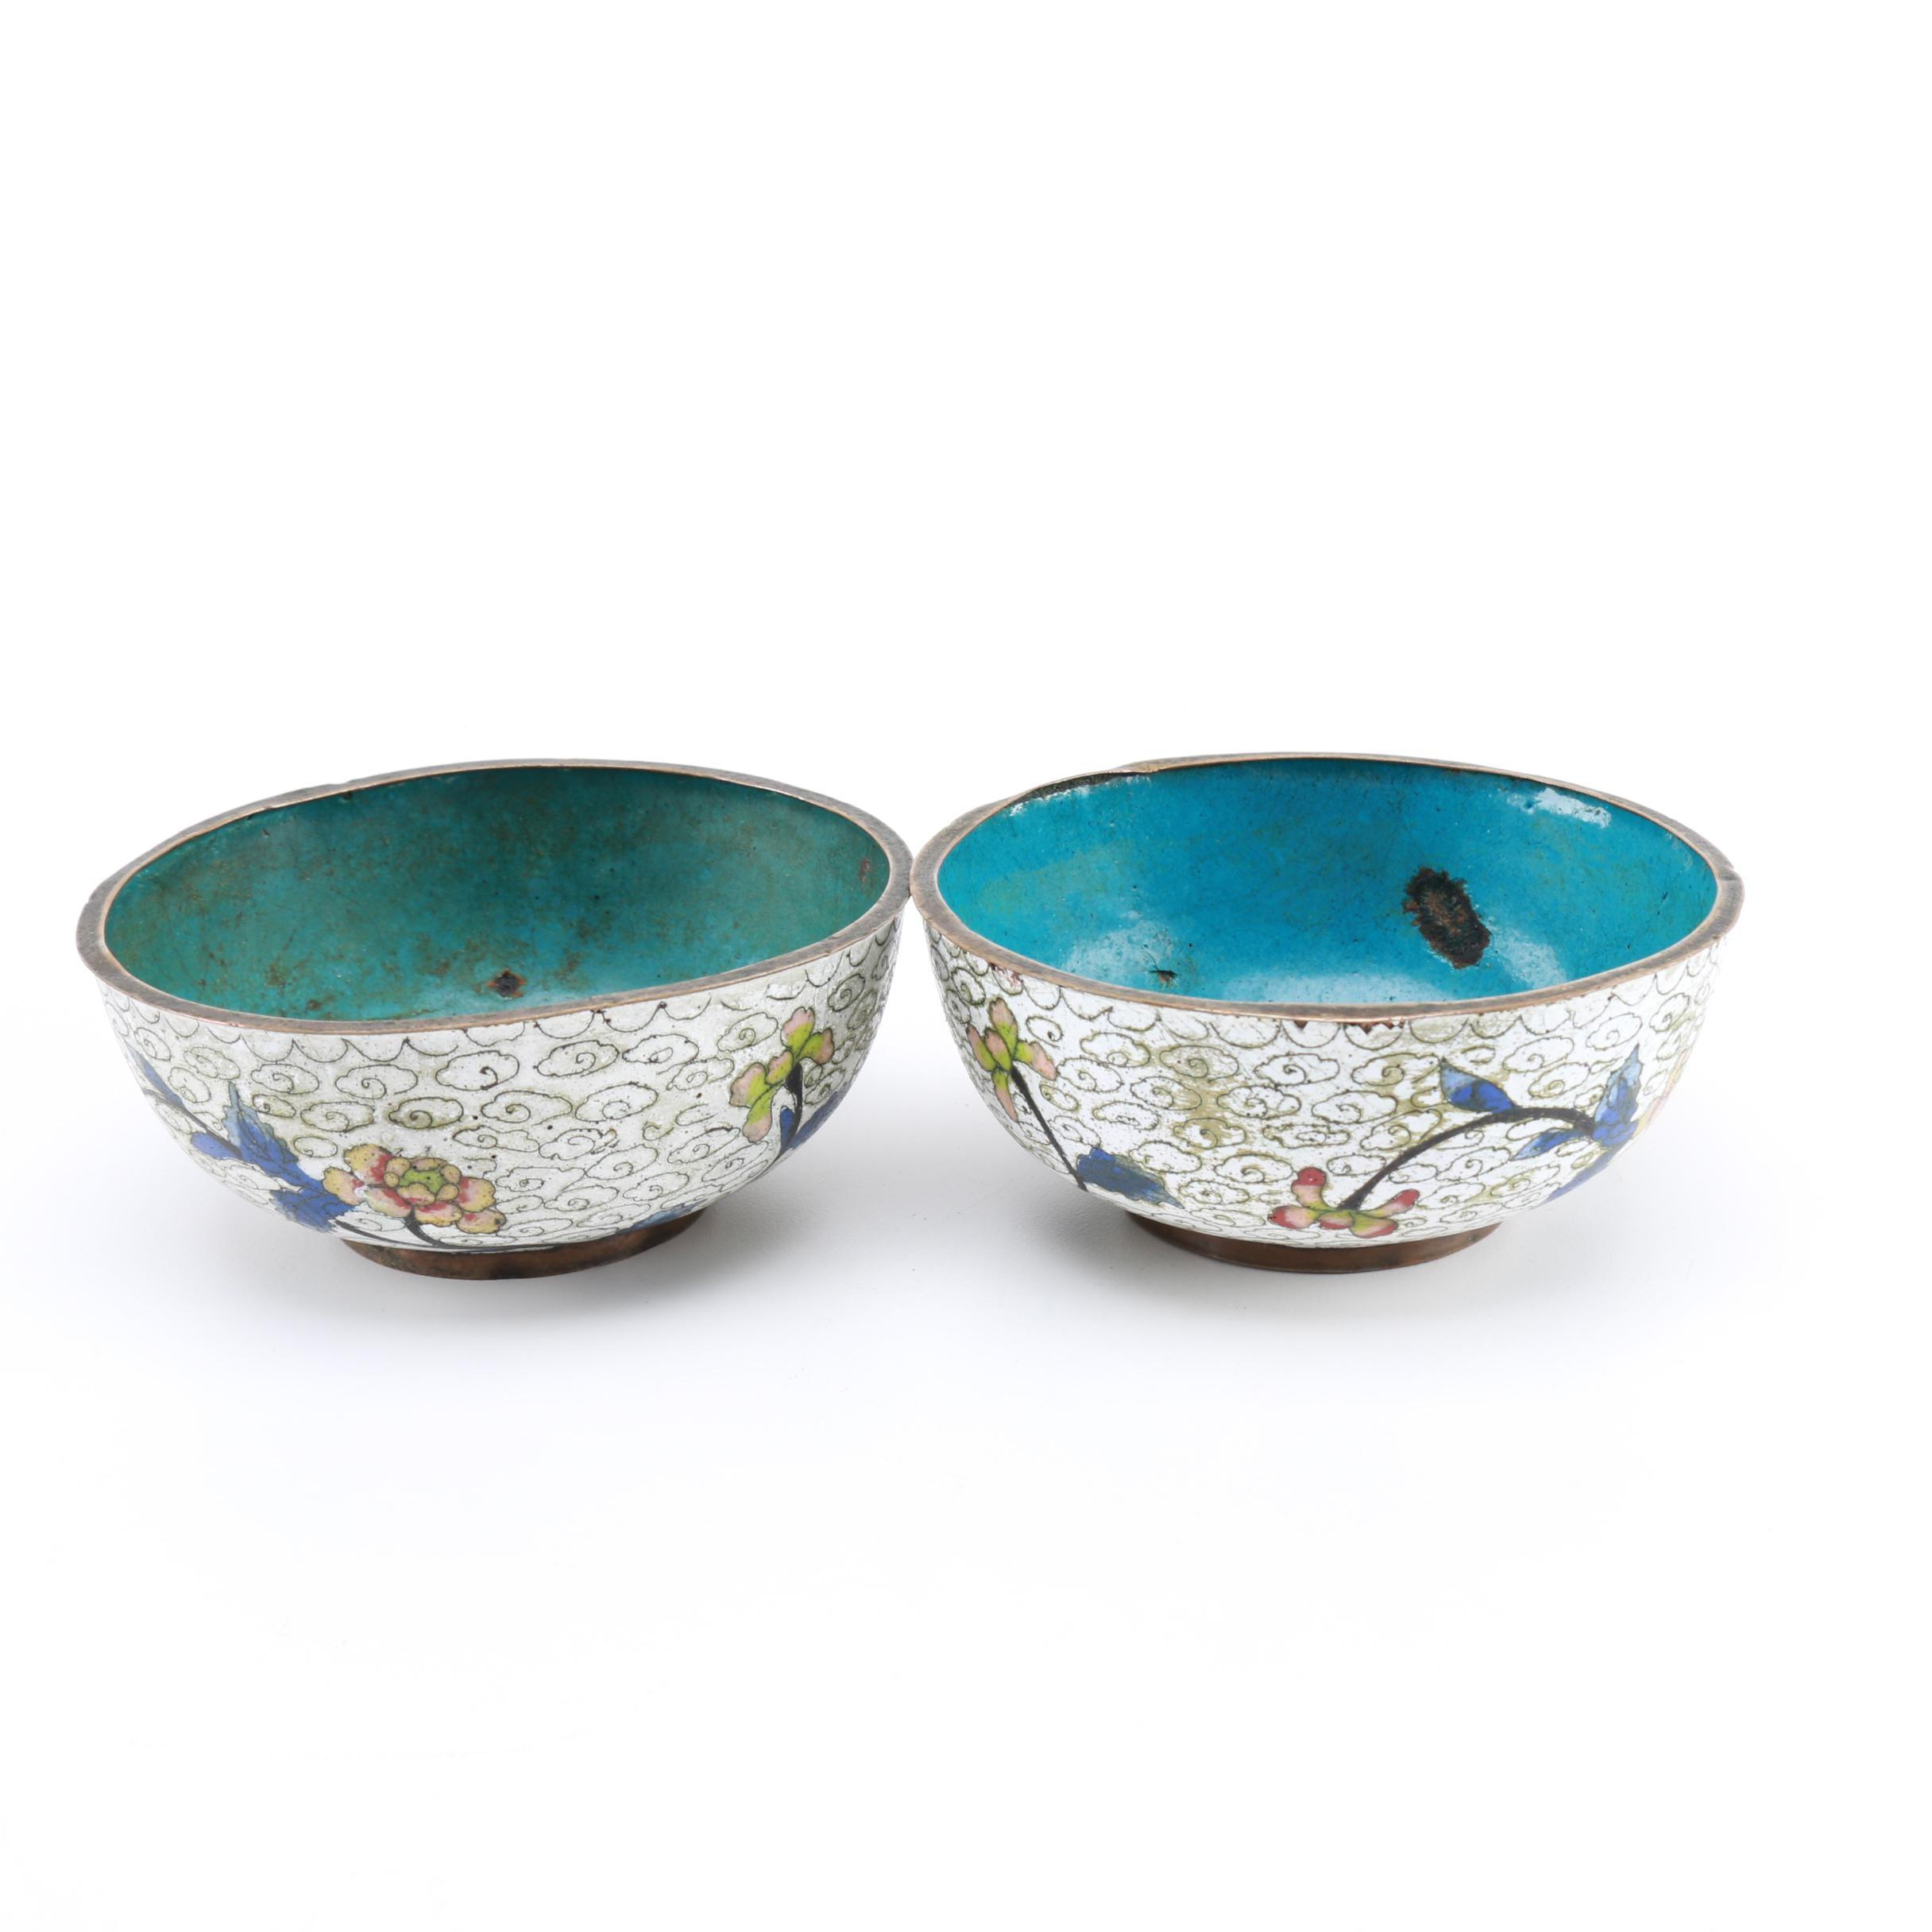 Antique Chinese Cloisonné Bowls